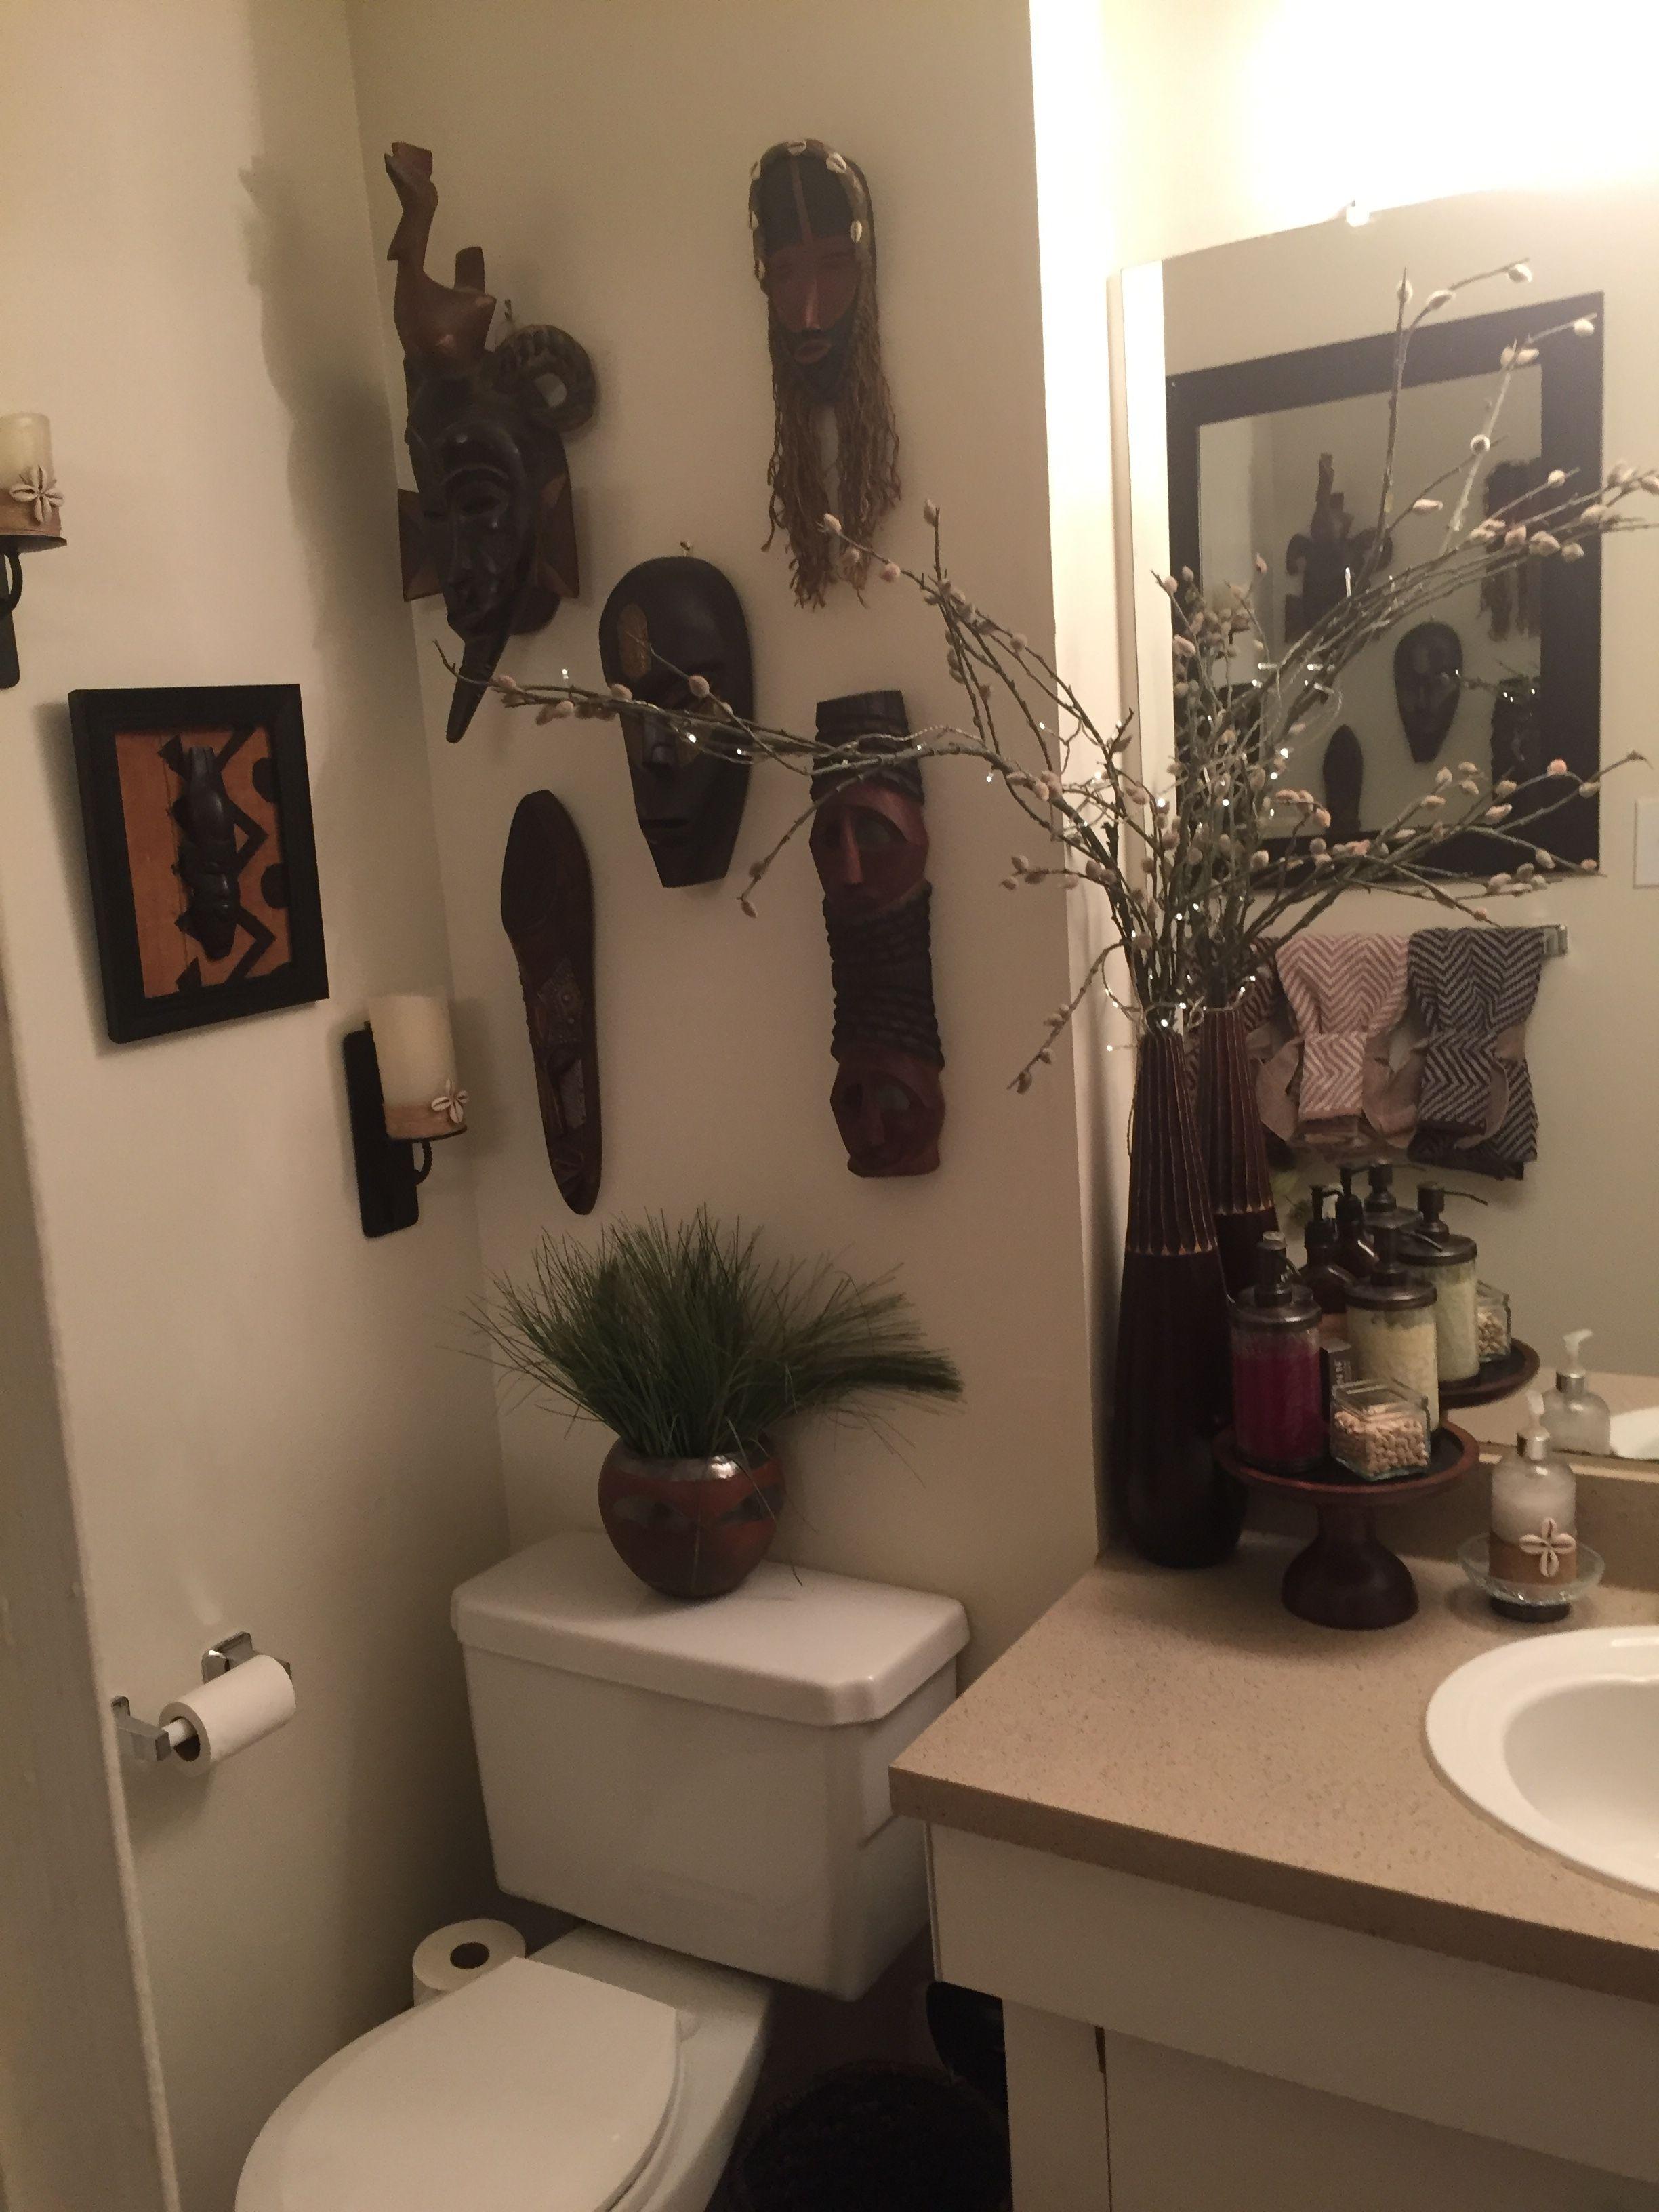 African Inspired Safari Home Decor Framed Bathroom Mirror Bathroom Decor African inspired bathroom decor